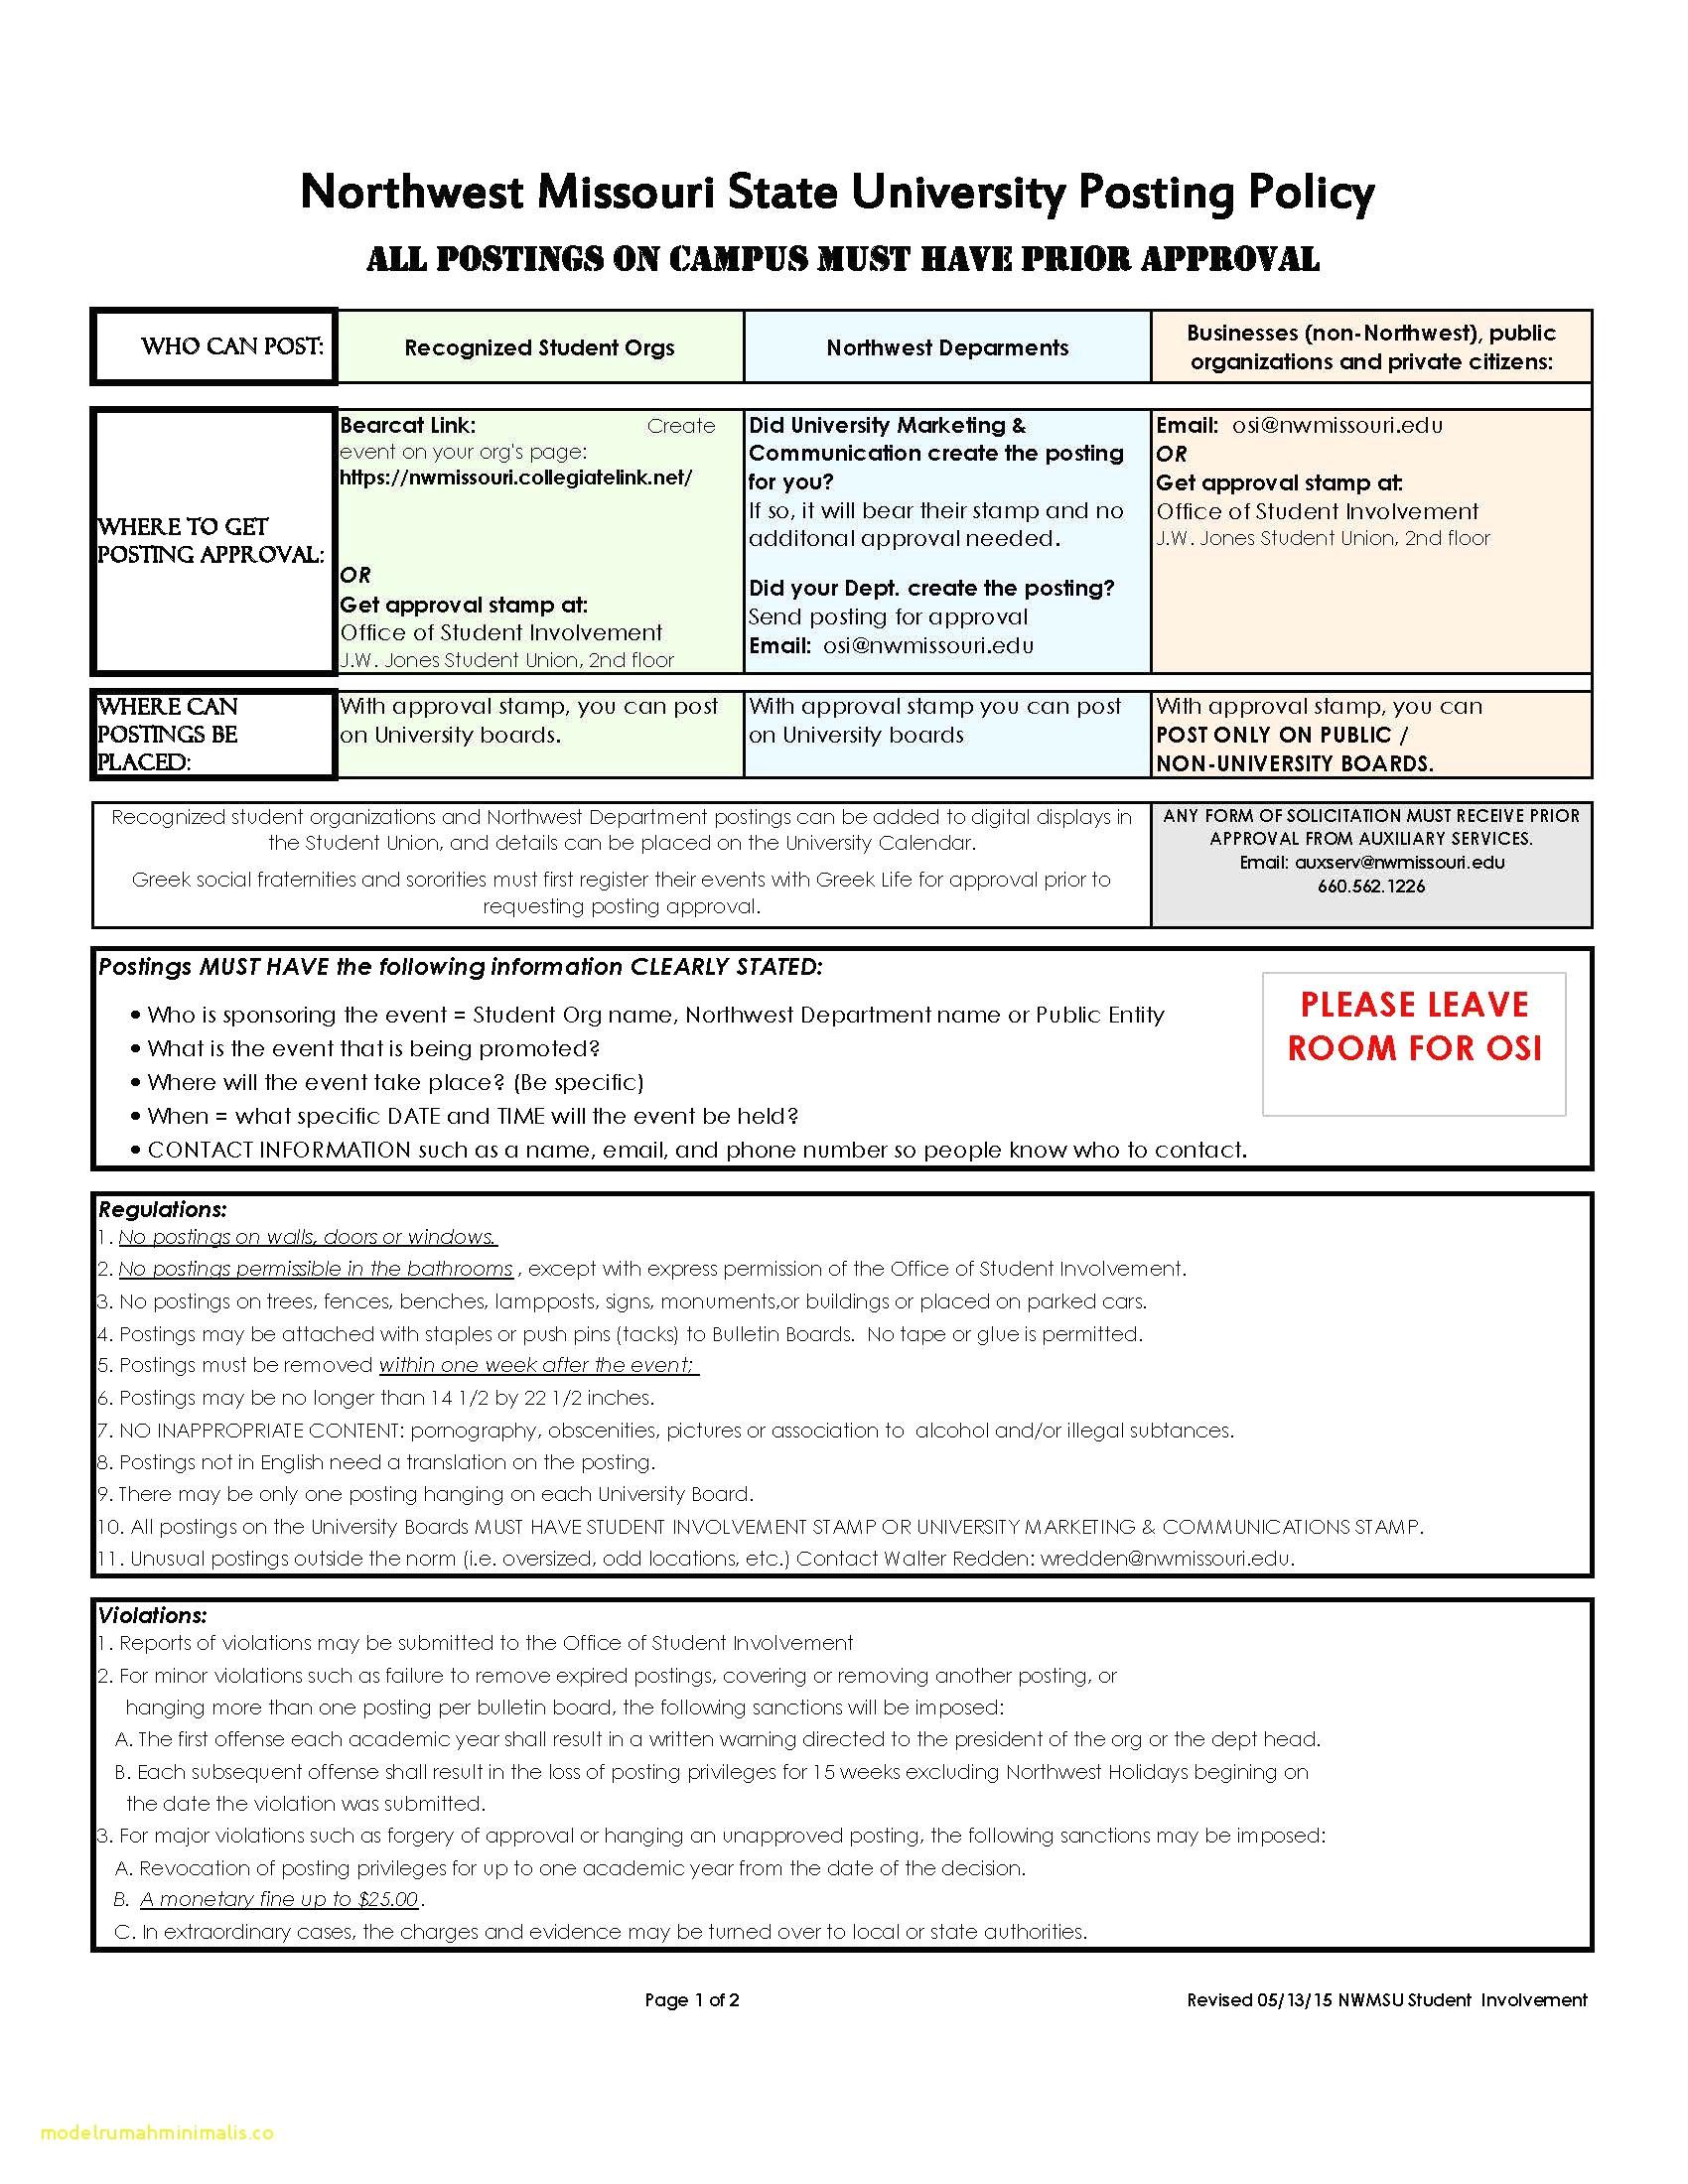 jones certificates templates